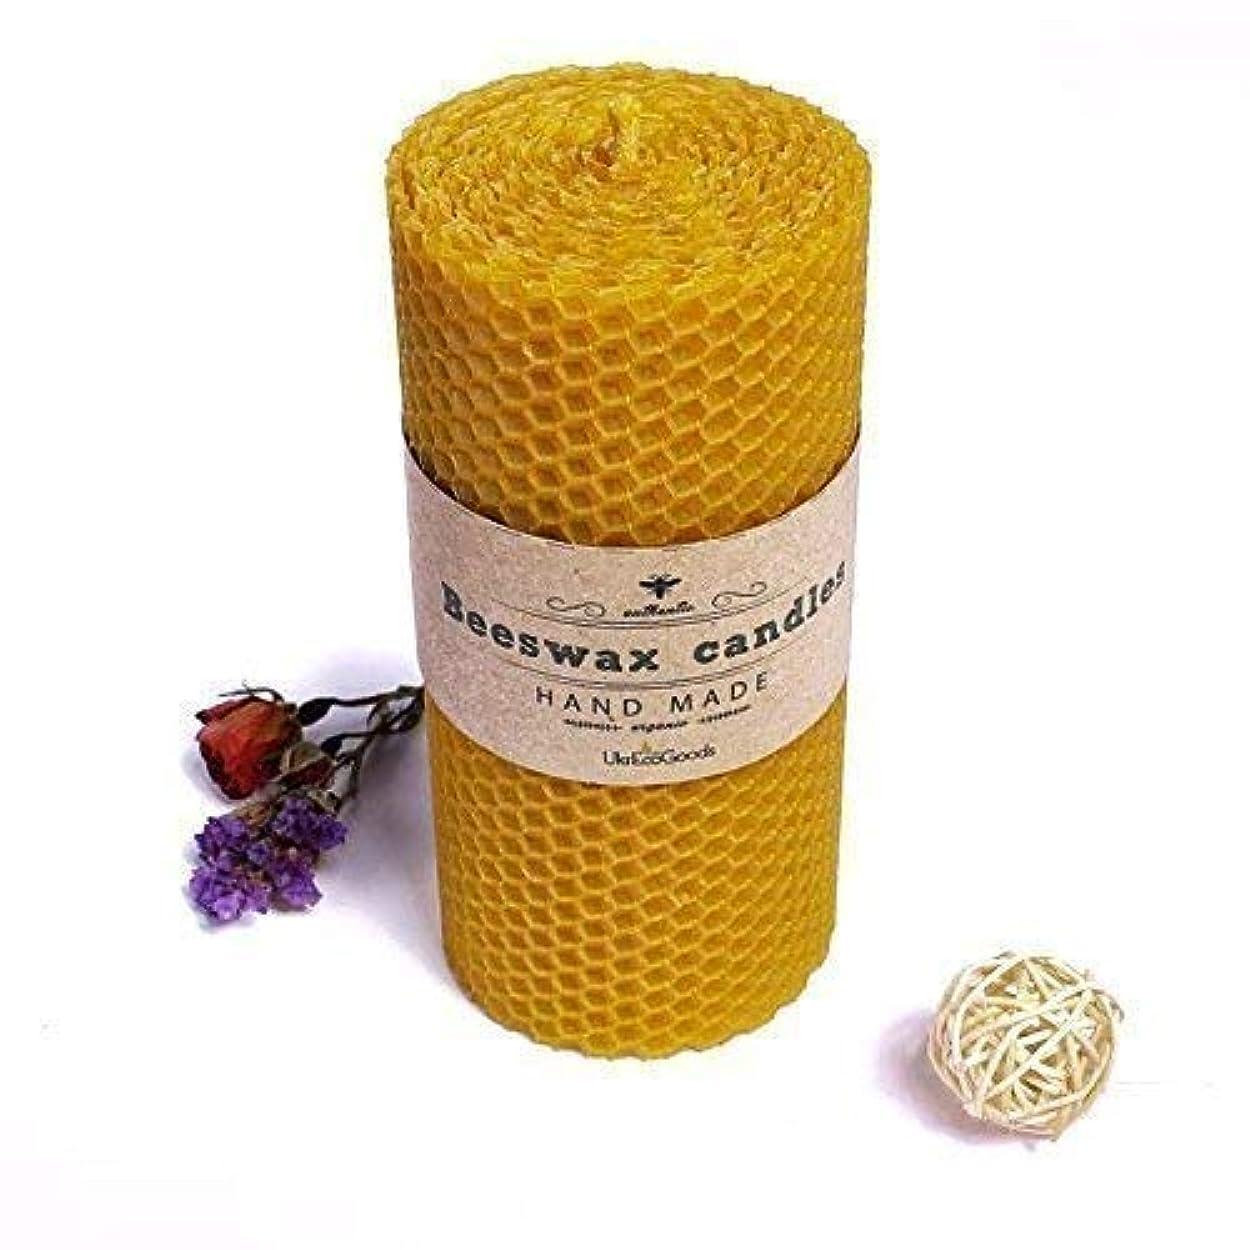 ソーセージアーク気分UkrEcoGoods Beeswax Candle, 15cm Hand Rolled Pillar candle with pure natural wax scent.